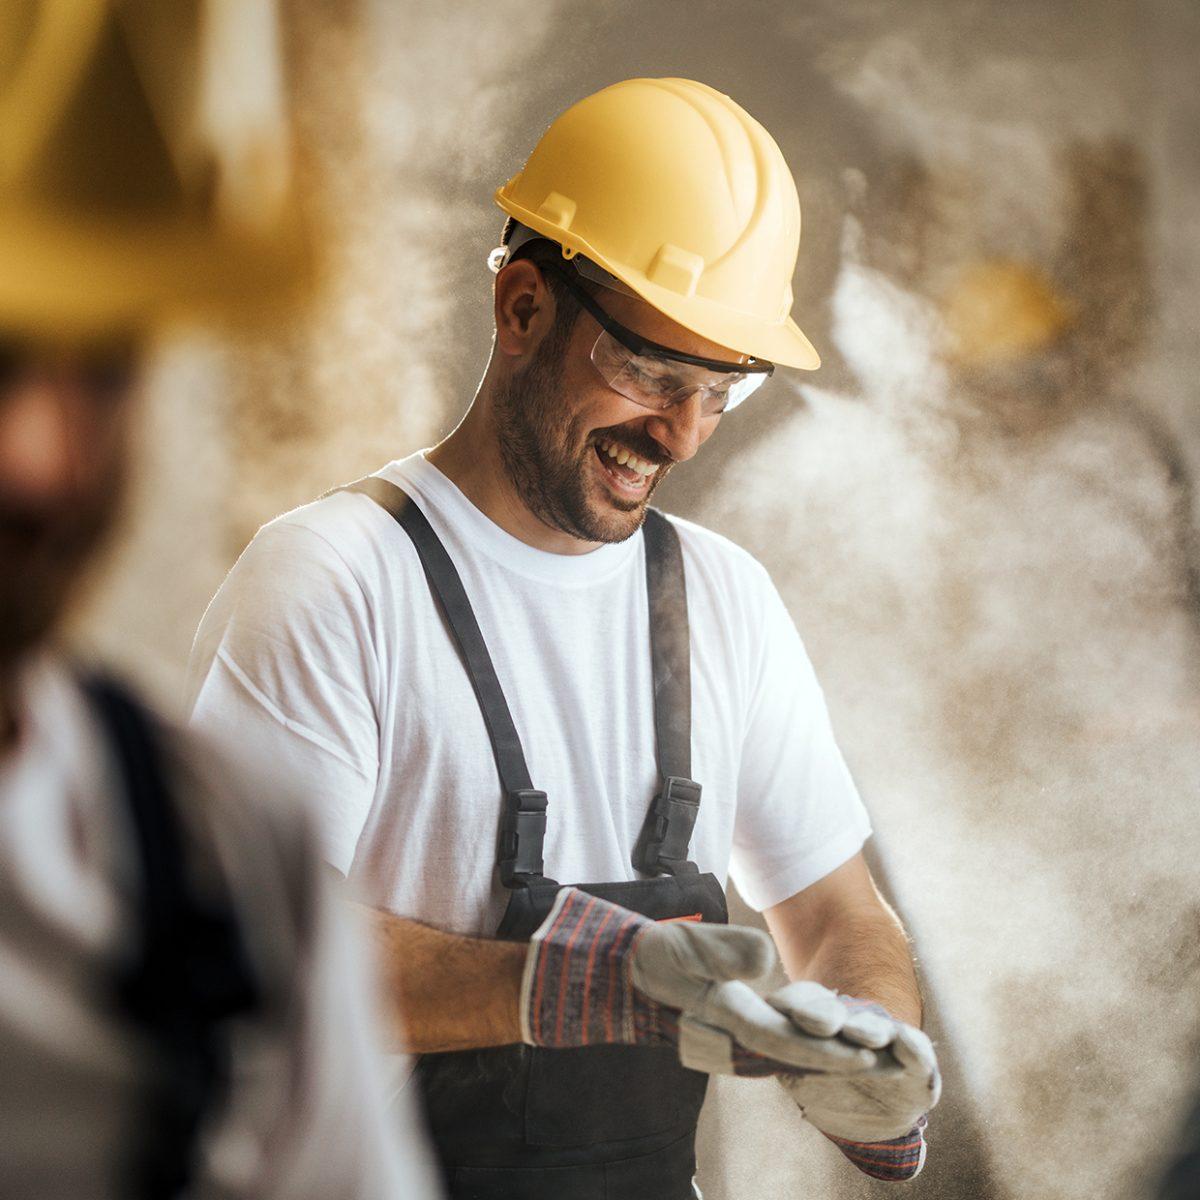 Workmen on site in hard hats.